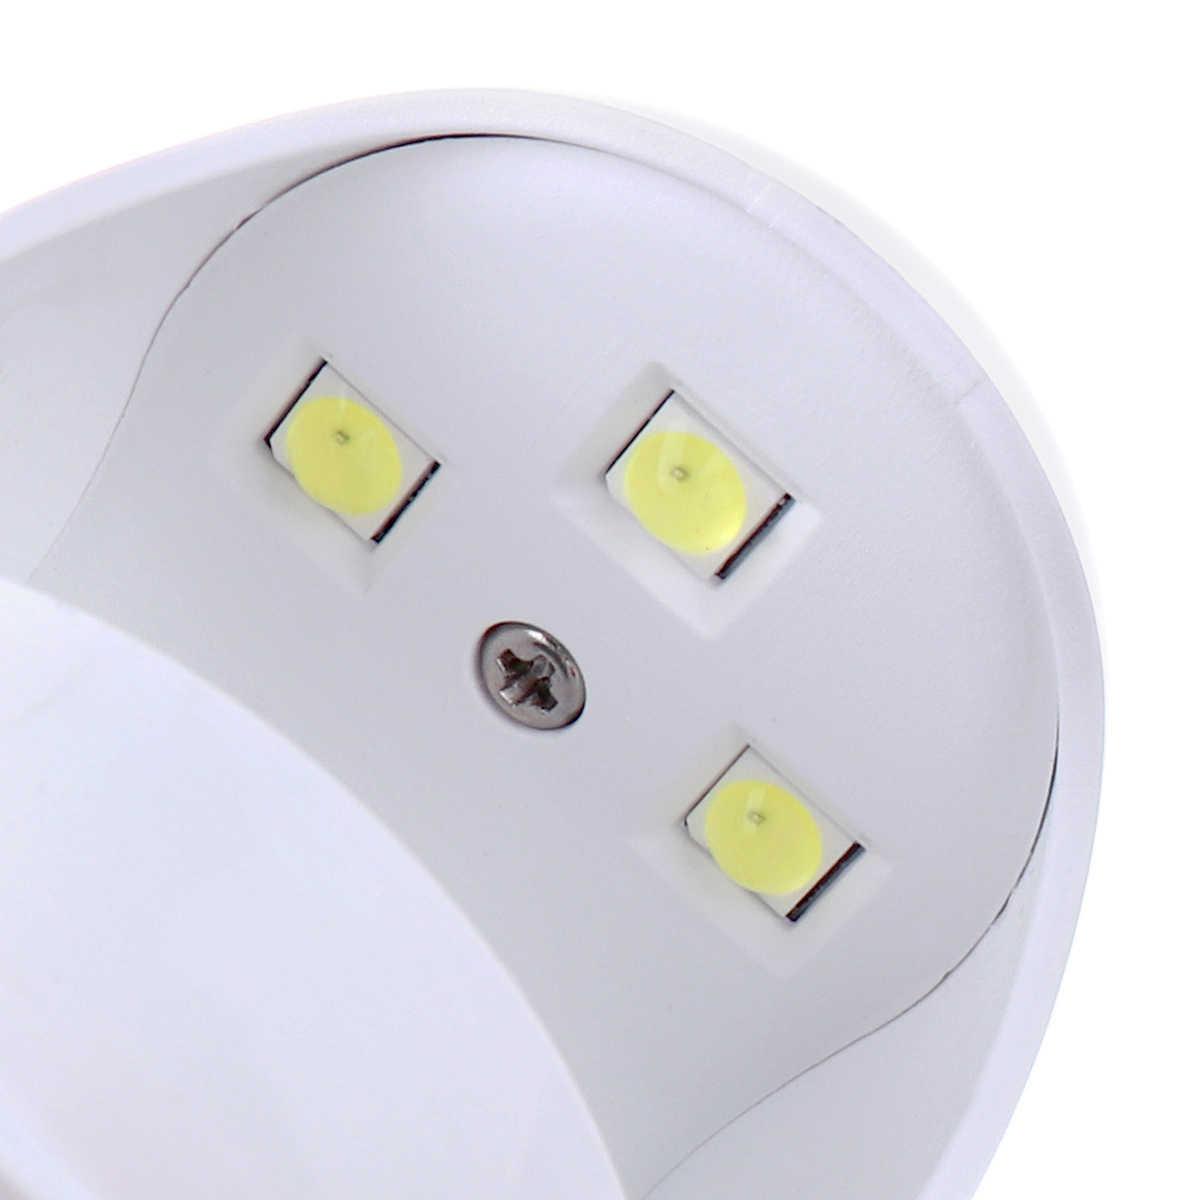 Monja 3W CONDUZIU a Lâmpada UV Da Arte Do Prego Mini Forma de Ovo USB Gel Unha Polonês Máquina de Secagem Secador de Manicure Ferramenta